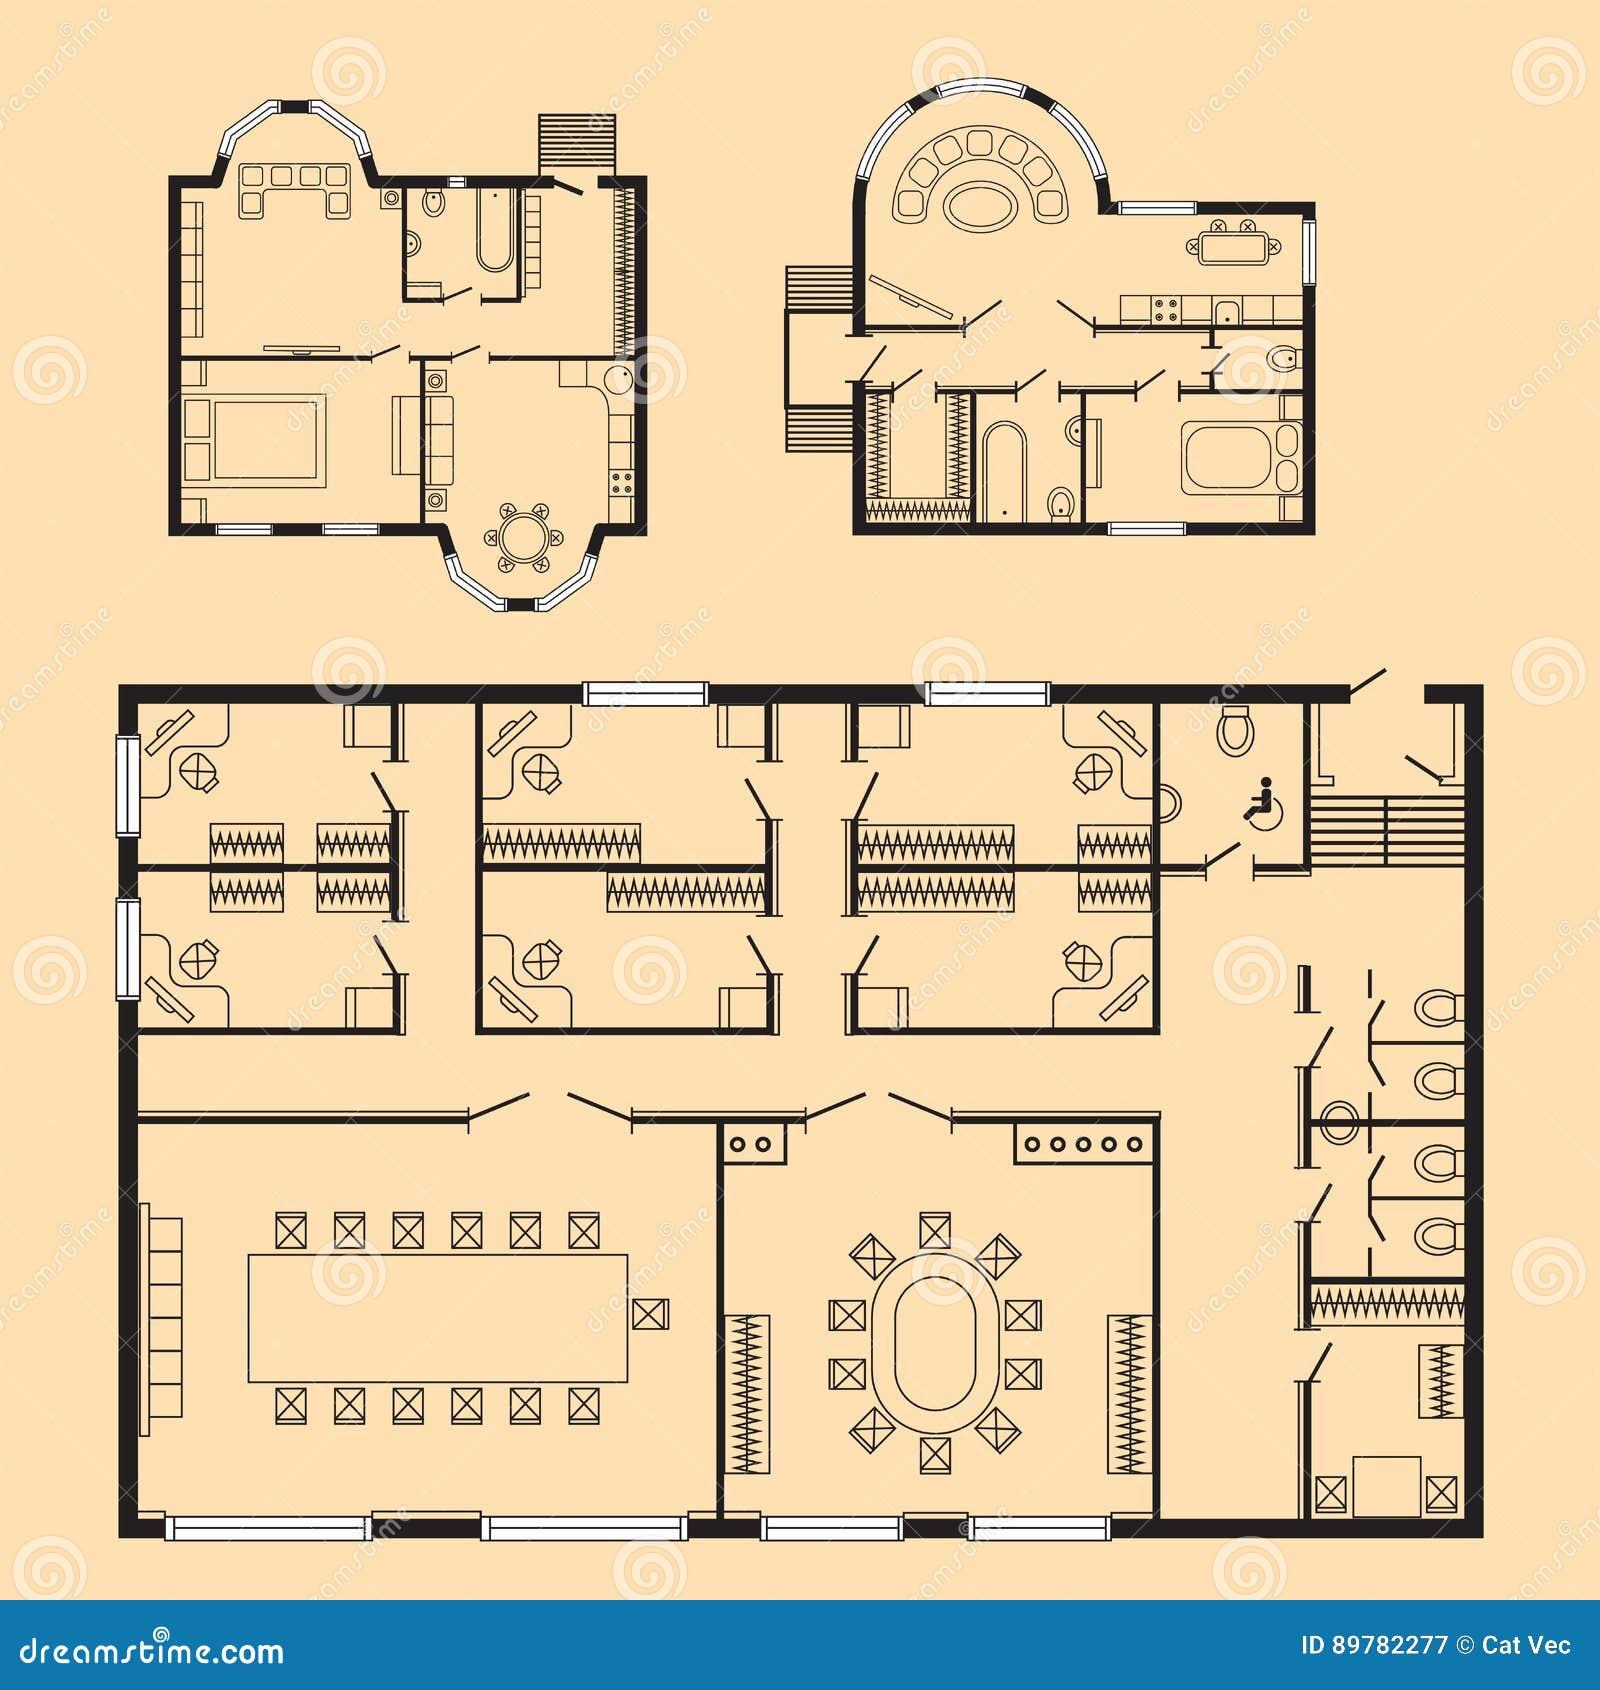 Los Muebles Del Plan Arquitect Nico De La Oficina Y El Dibujo De  # Muebles Dibujo Arquitectonico